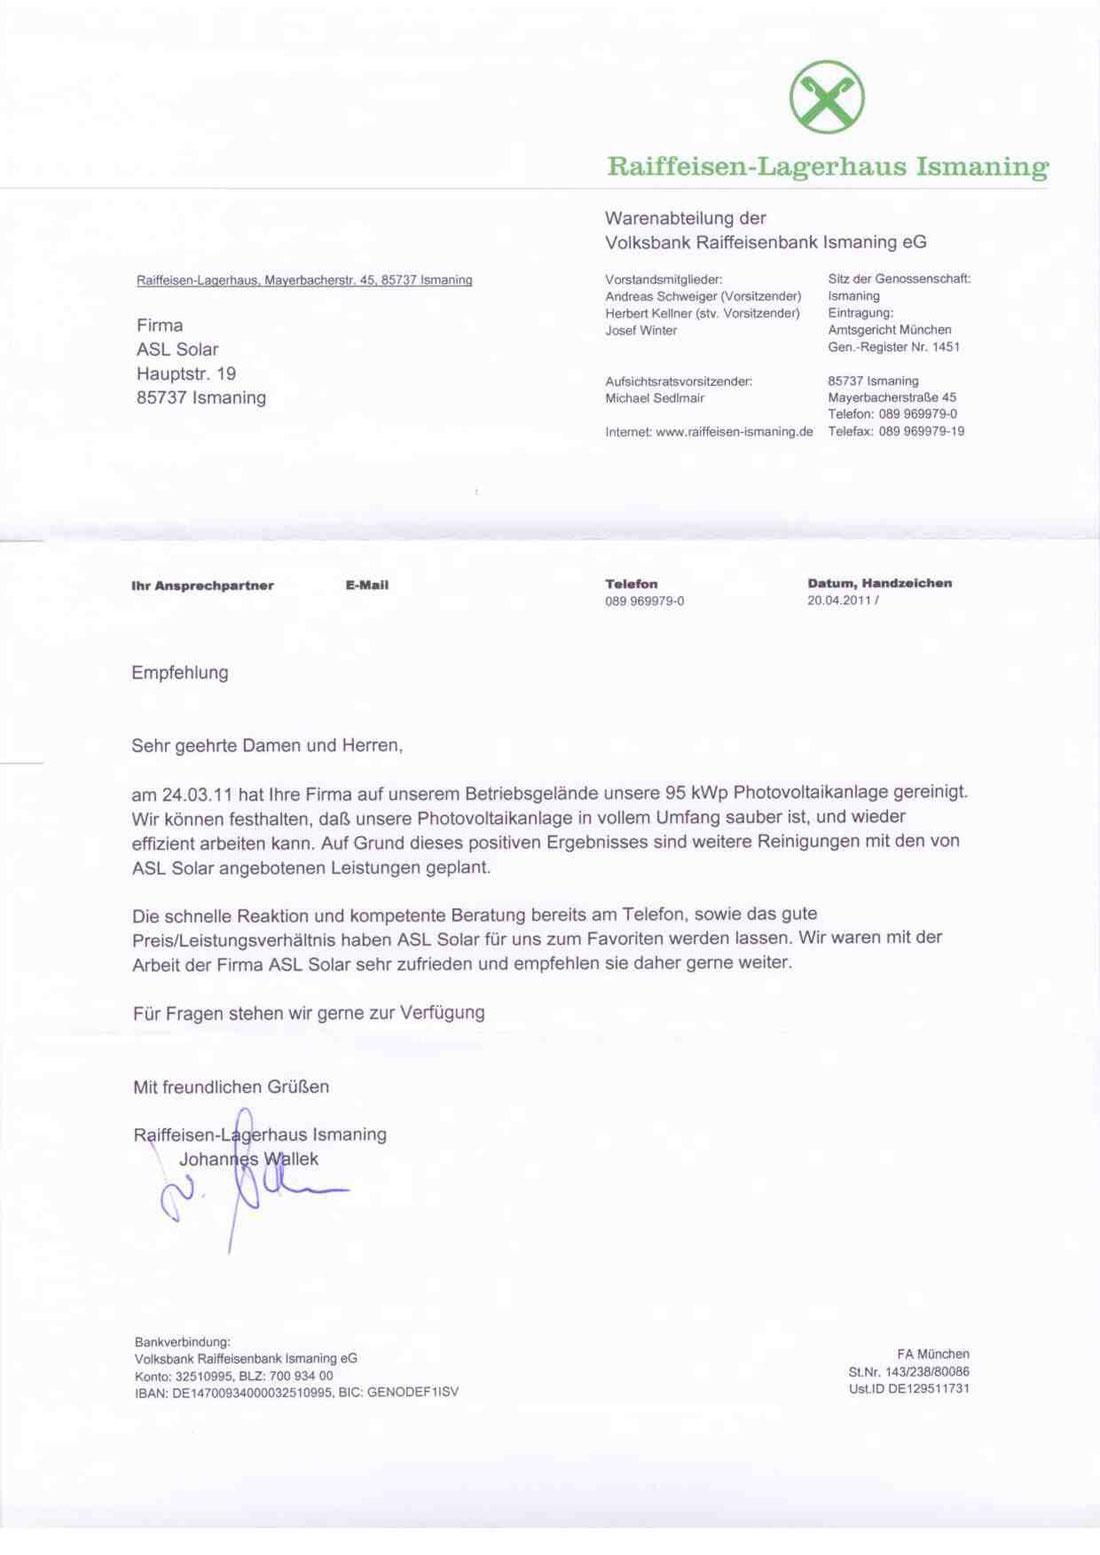 EmpfehlungsschreibenRaiffeisenbankIsmaning